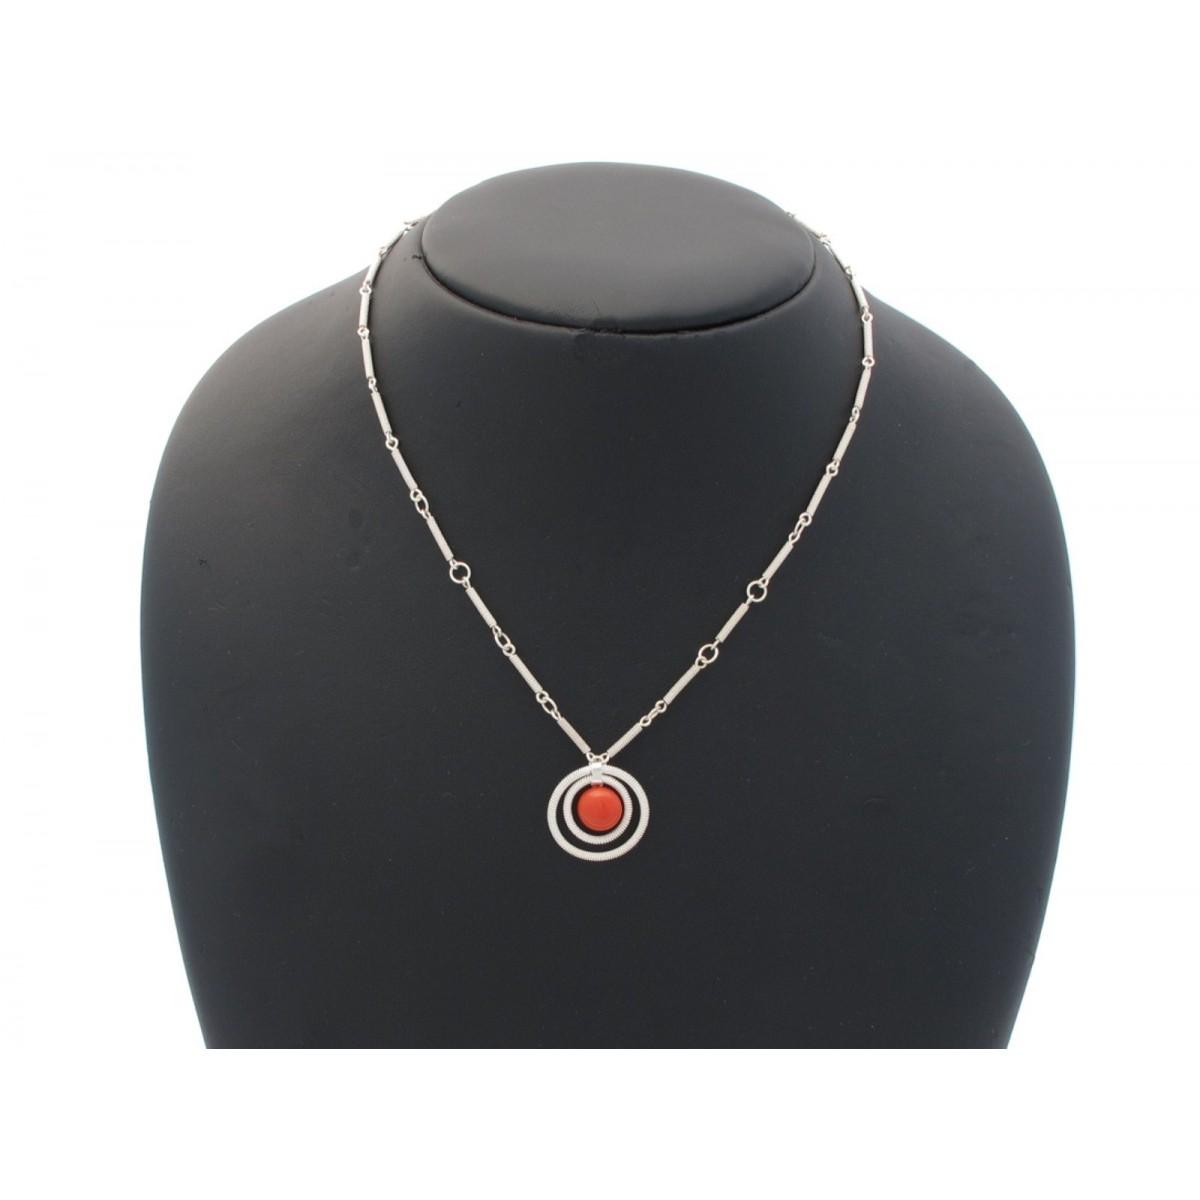 Collana filigrana argento corallo rosso Clc1